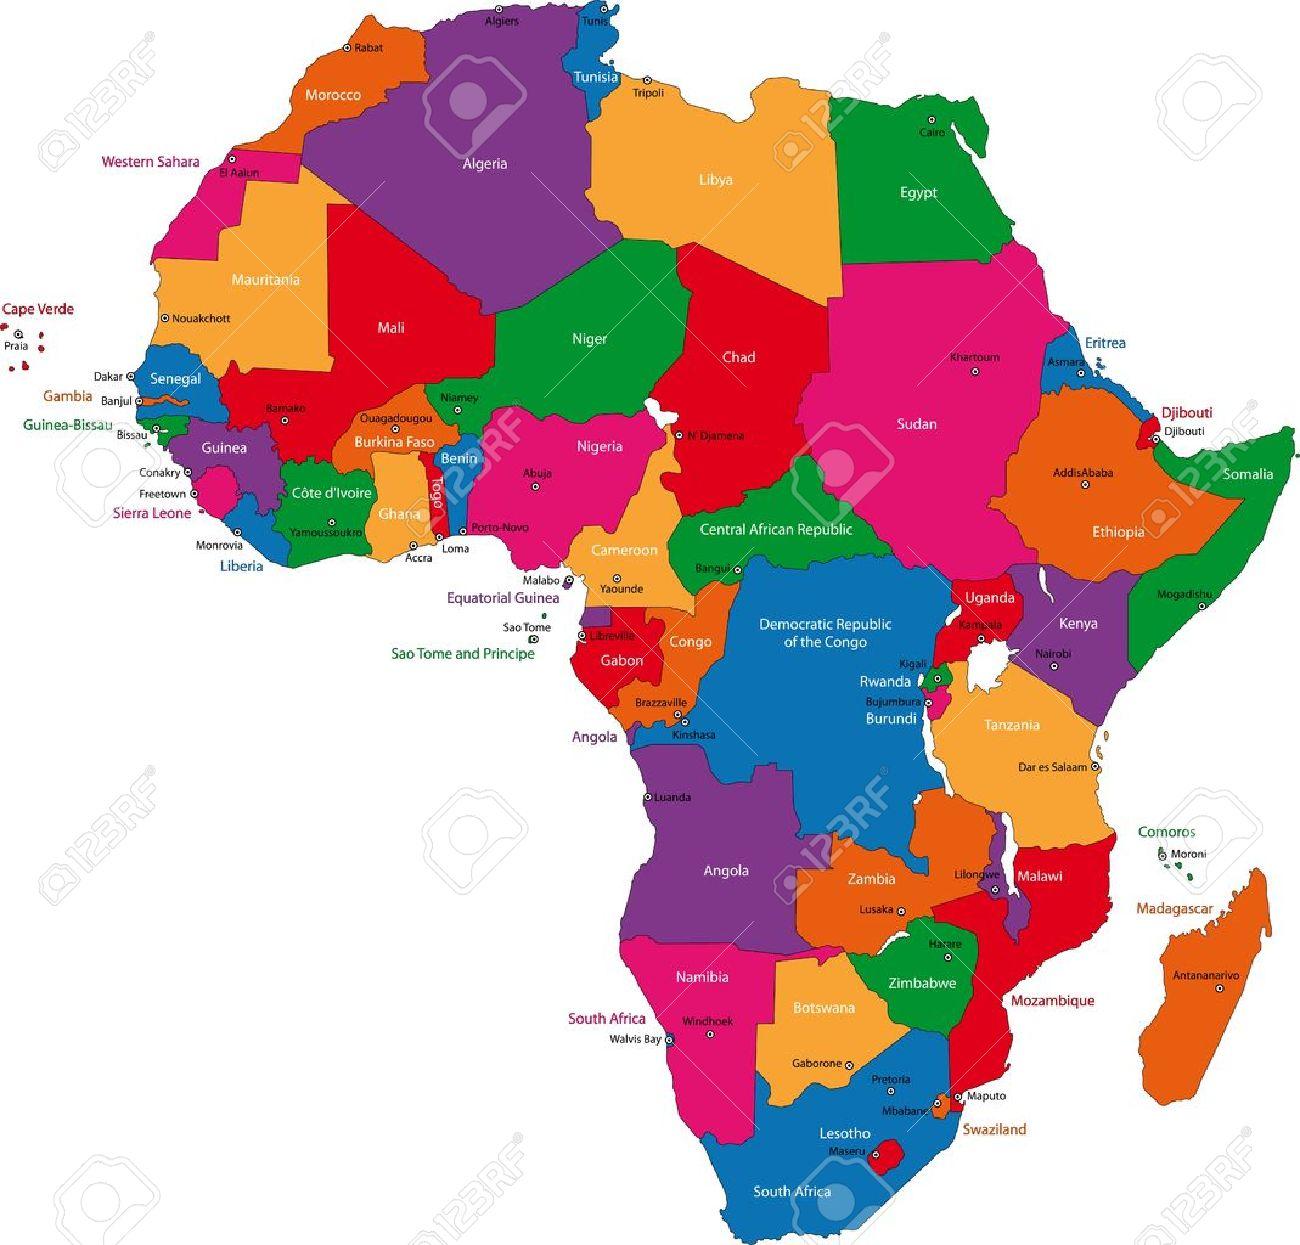 Carte De Lafrique Du Sud Avec Les Capitales.Carte Coloree De L Afrique Avec Les Pays Et Capitales